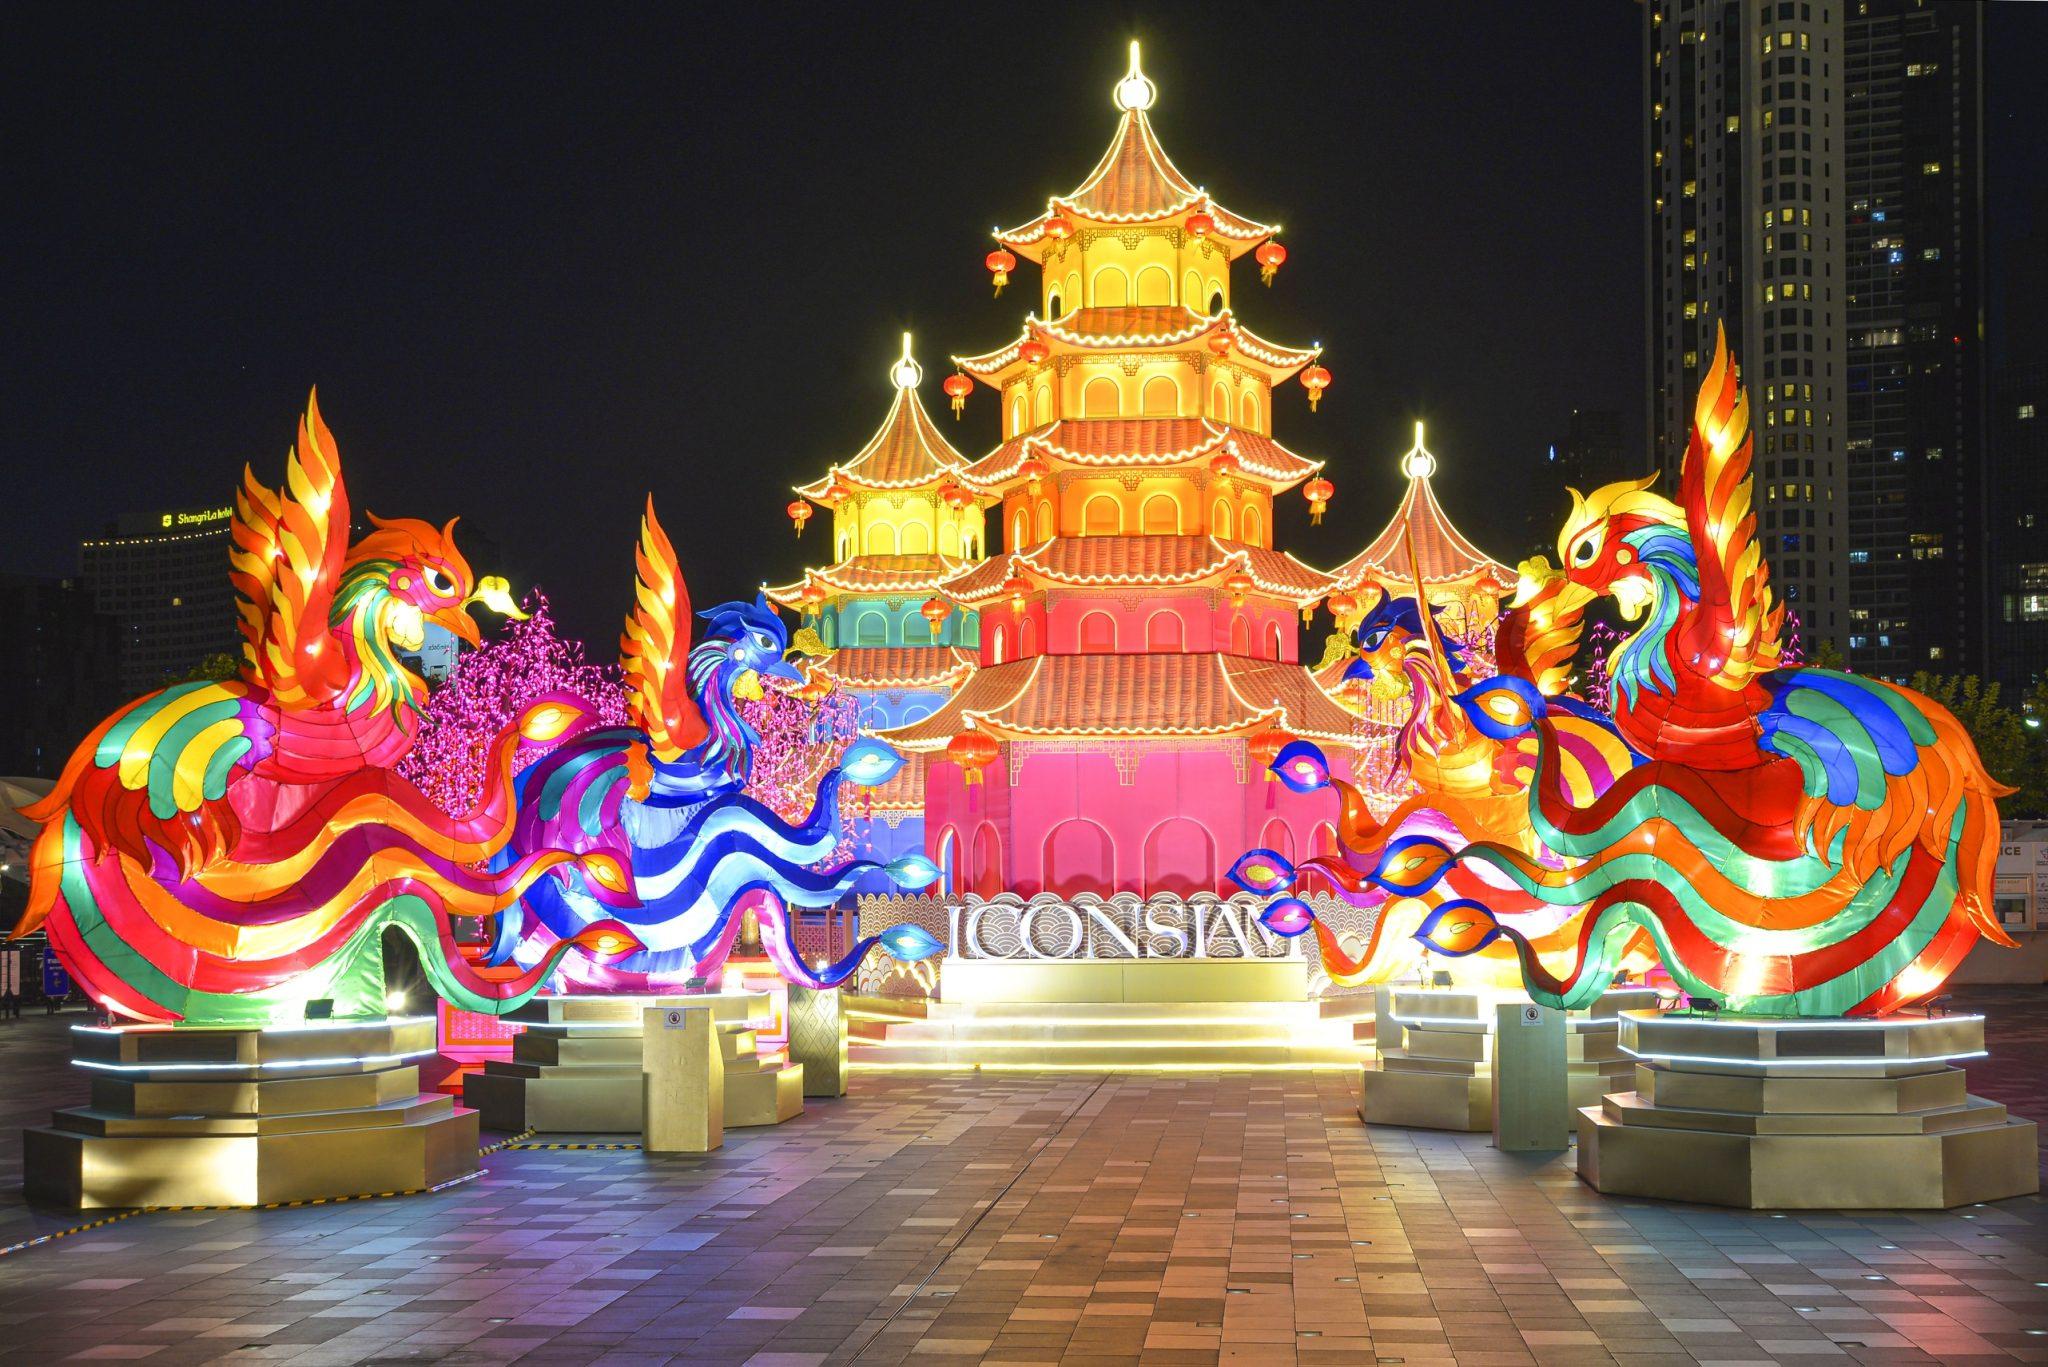 """ไอคอนสยาม ต้อนรับเทศกาลมหามงคลตรุษจีนปีวัวทอง """"THE ICONSIAM ETERNAL PROSPERITY CHINESE NEW YEAR 2021"""" 11-14 กุมภาพันธ์ 2564 ณ ไอคอนสยาม ถนนเจริญนคร"""